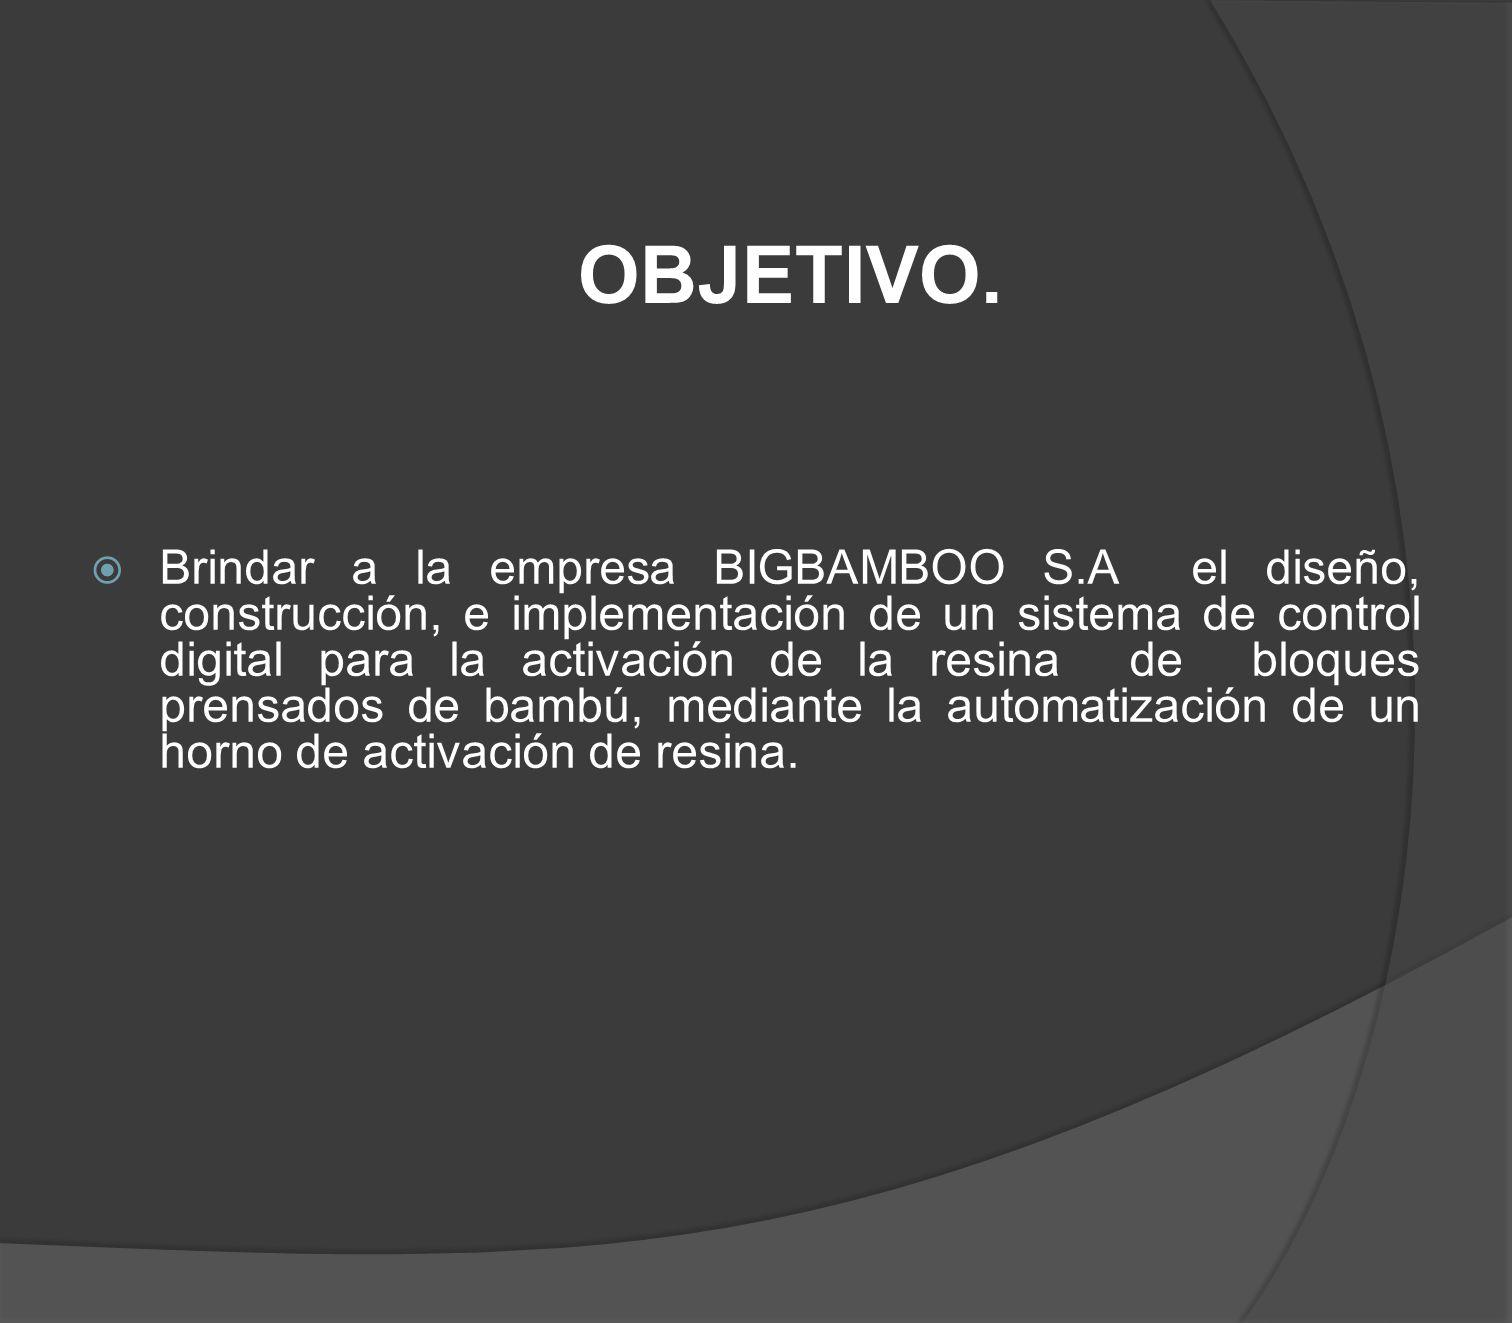 OBJETIVO. Brindar a la empresa BIGBAMBOO S.A el diseño, construcción, e implementación de un sistema de control digital para la activación de la resin